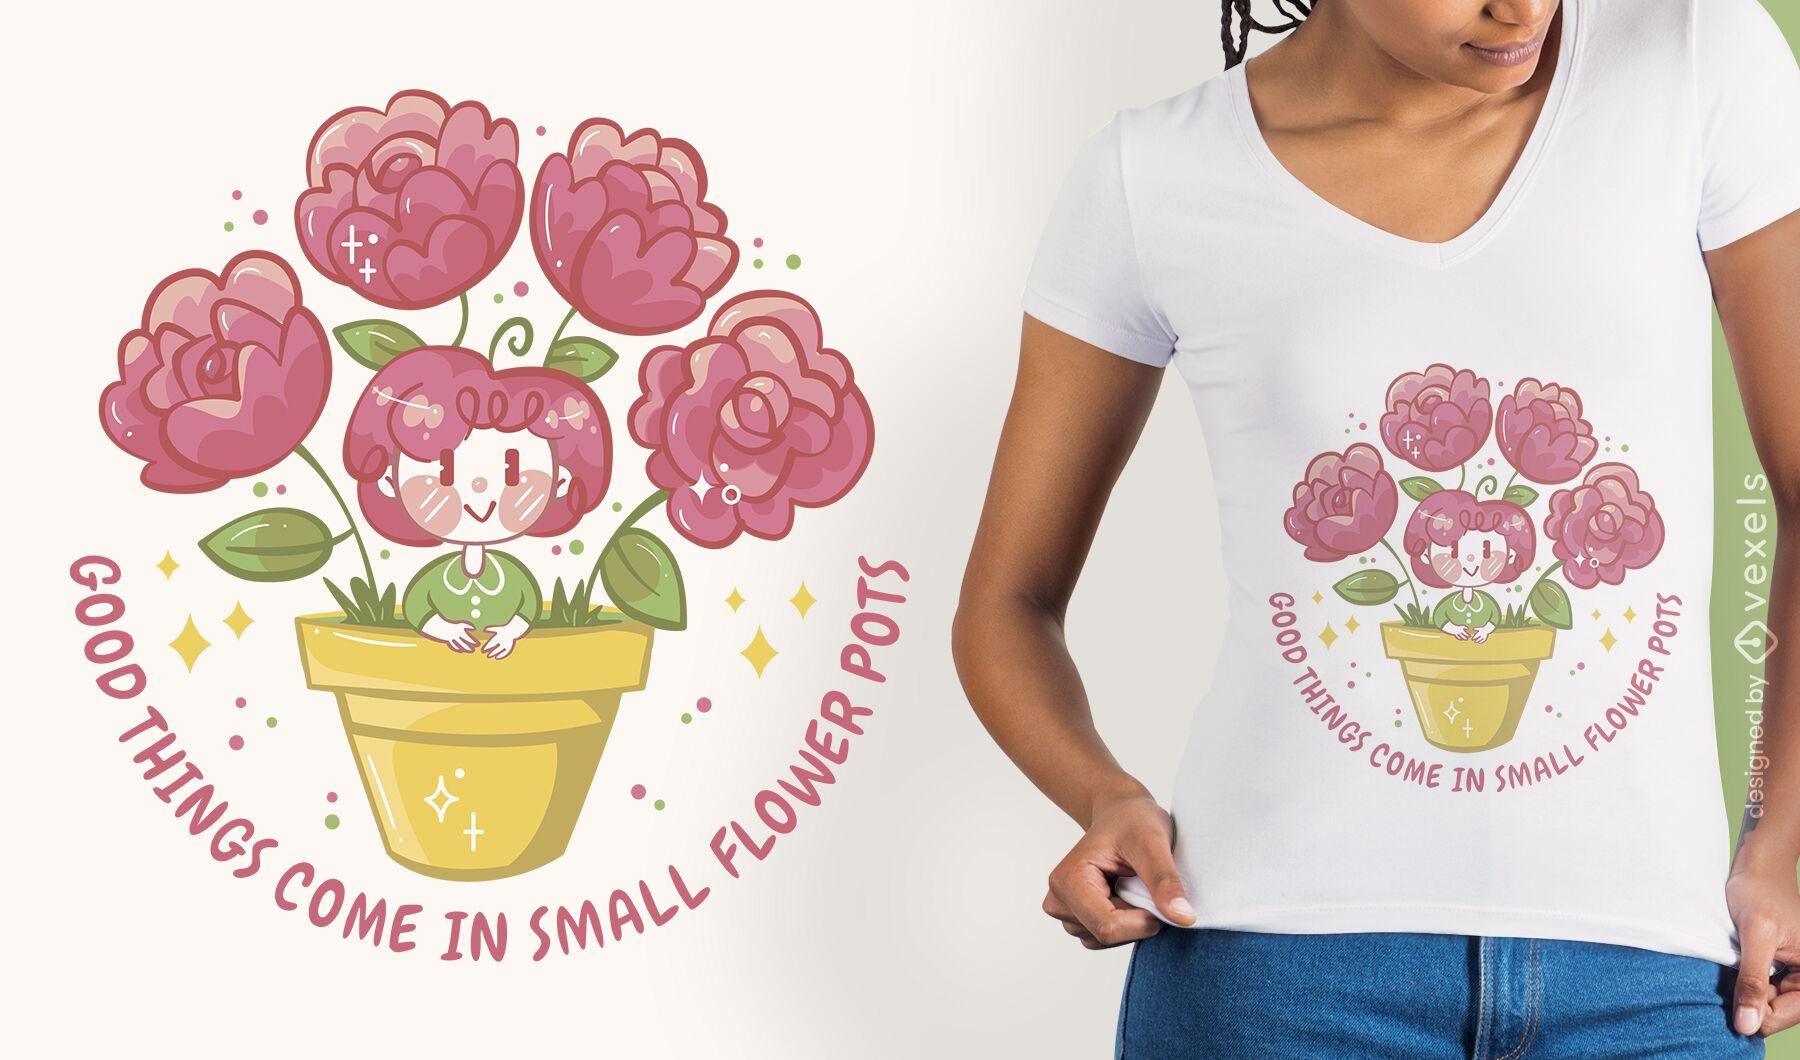 Flowerpot girl t-shirt design